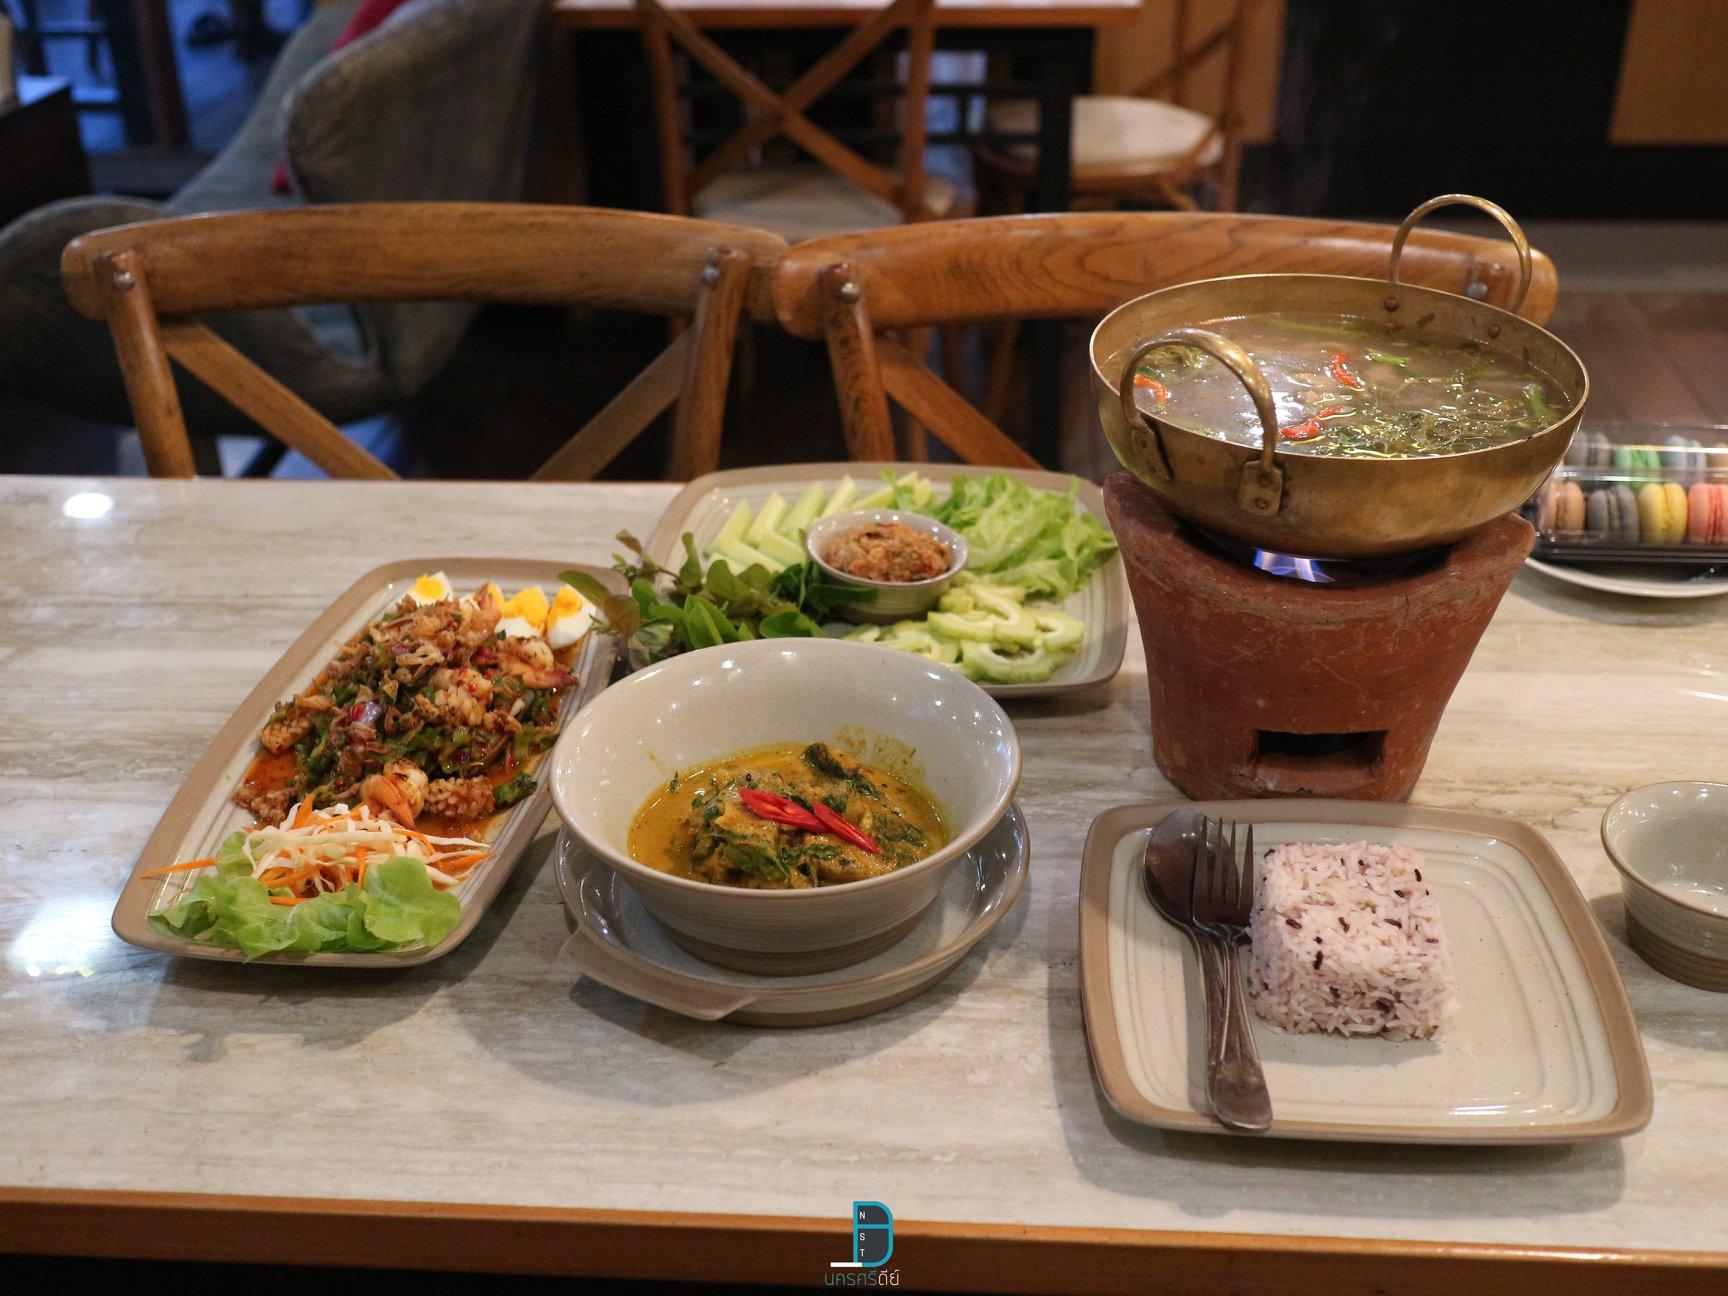 นี่ก็อาหารเด็ดๆกันอีก-แกงปลาดุก-และผัดชื่ออะไรแอดจำไม่ได้-555 พิกัด-:-ร้านเพลินจิต-หัวถนน-?-ที่-เพลินจิต---ploenjit-cafe-and-restaurant นครศรีธรรมราช,มีอะไรบ้าง,สถานที่ท่องเที่ยว,ร้านอร่อย,ของกิน